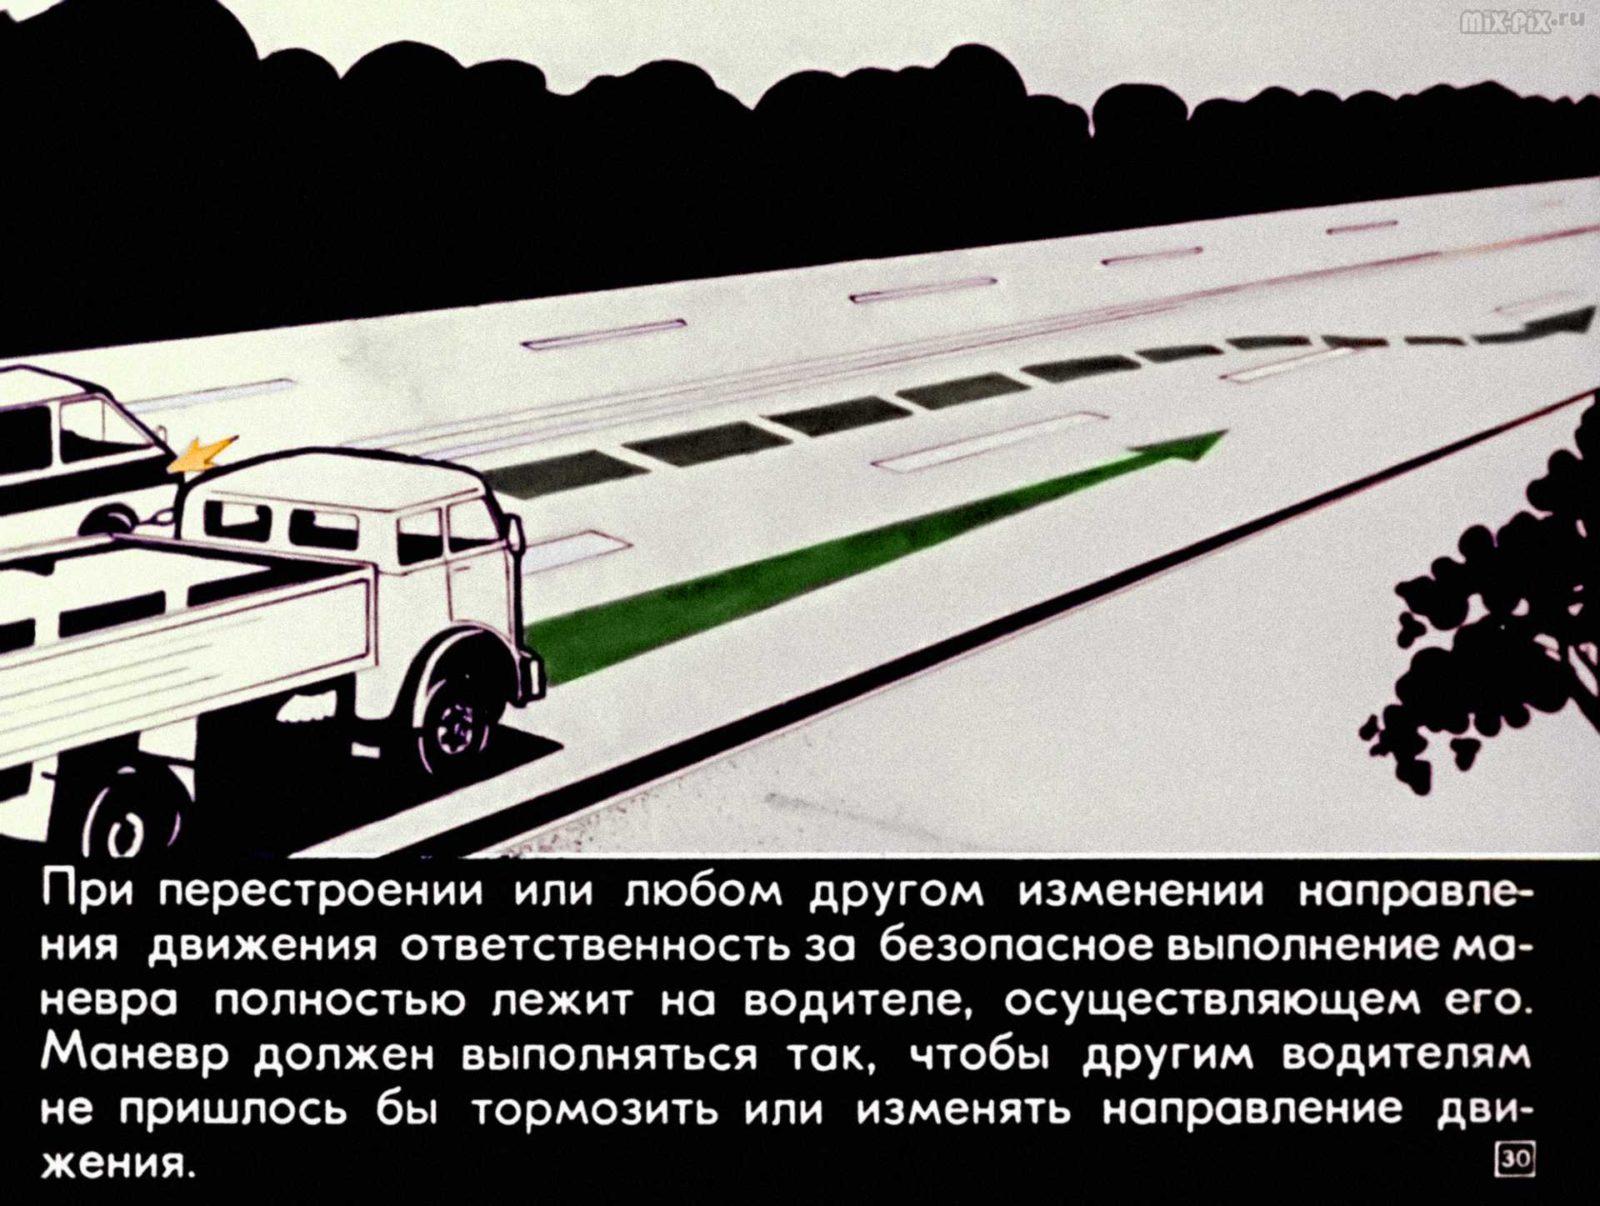 Правила дорожного движения. Расположение транспортных средств на проезжей части. Начало движения. Маневрирование (1983) 45